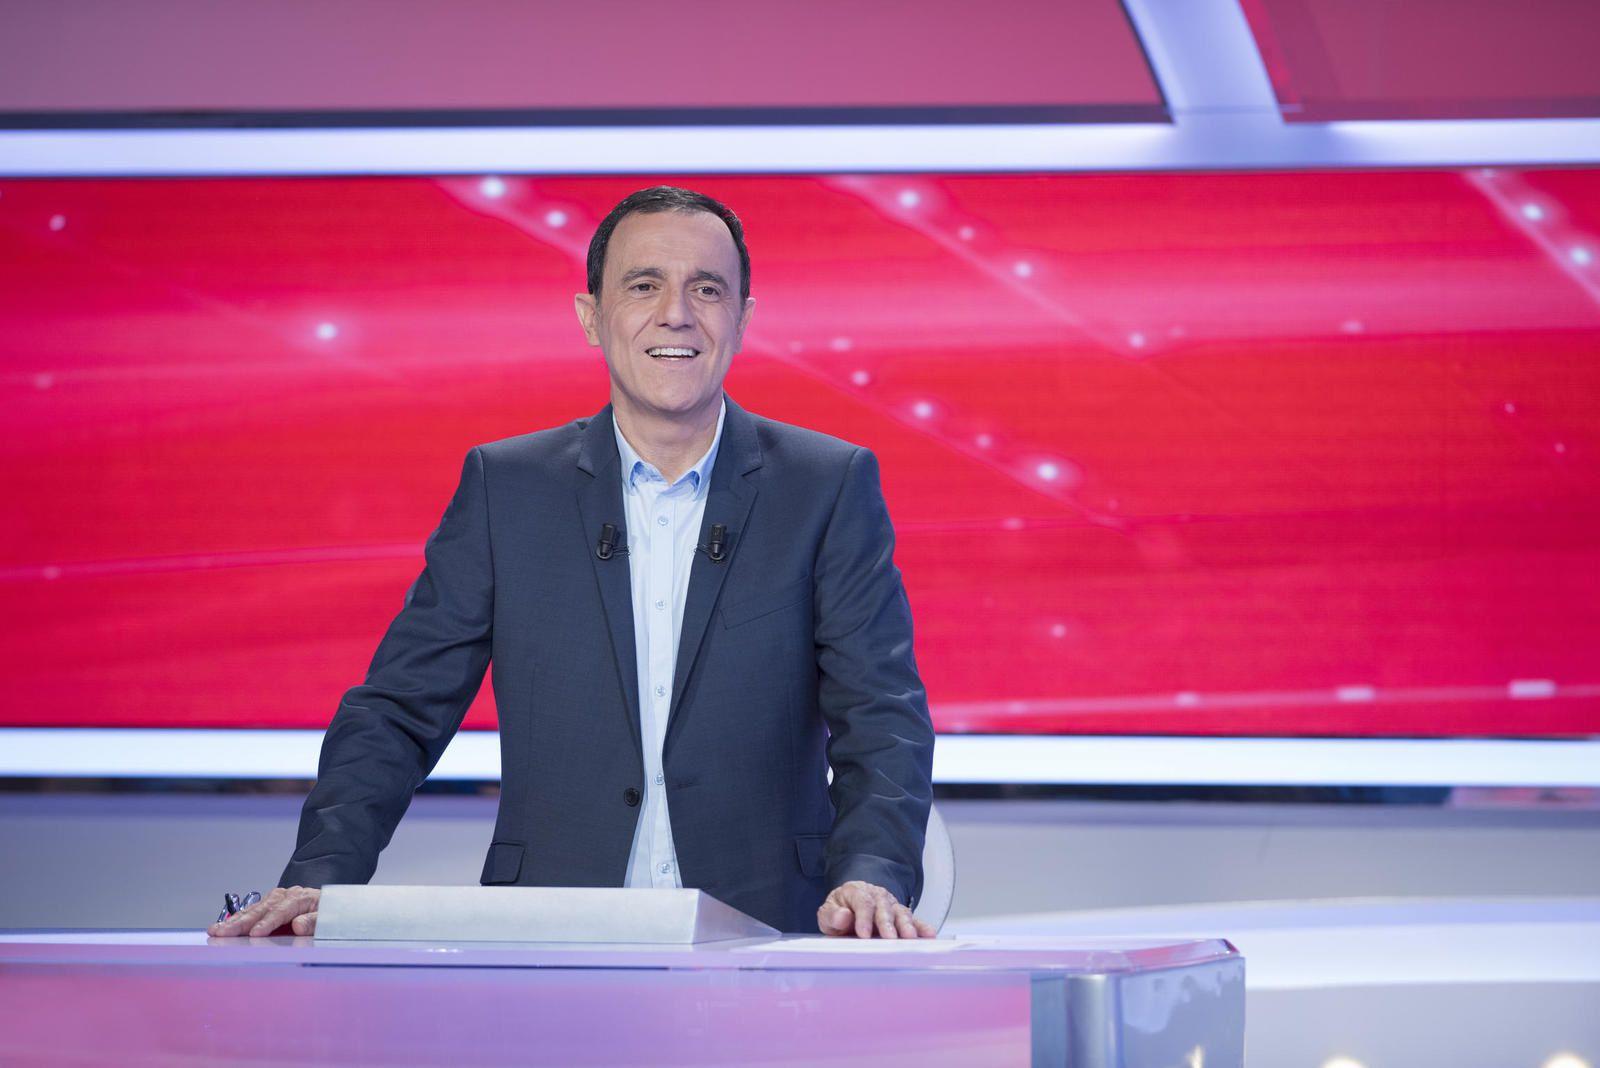 L'animateur Thierry Beccaro devient ambassadeur UNICEF France.